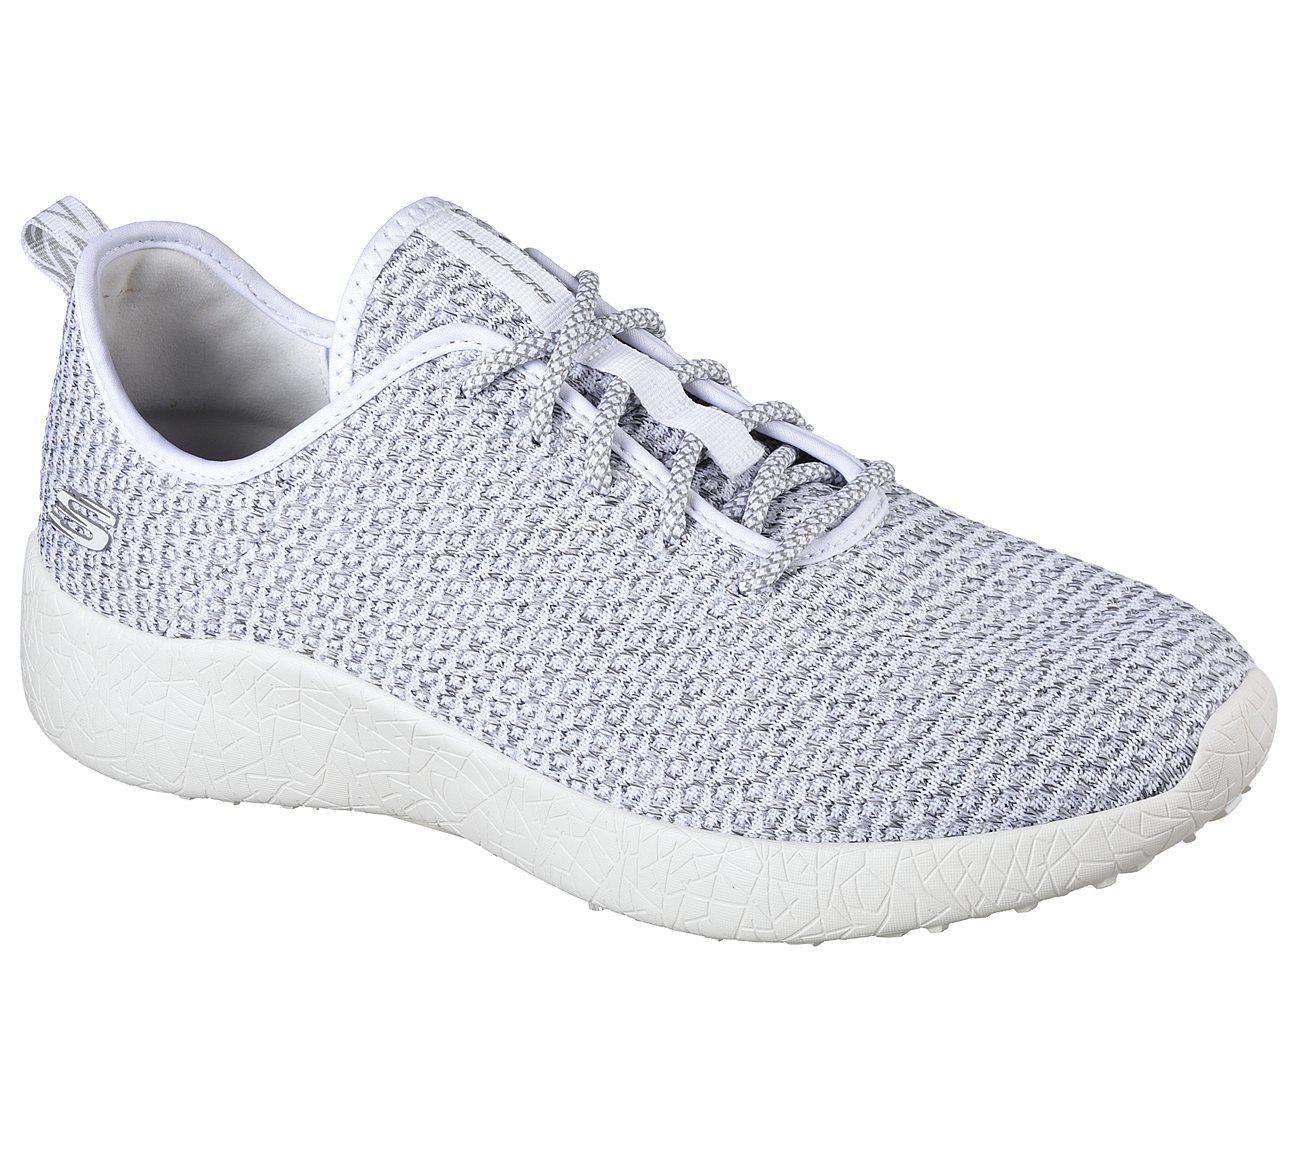 e6bd09a55f0f Buy SKECHERS Burst - Donlen Sport Shoes only  46.00